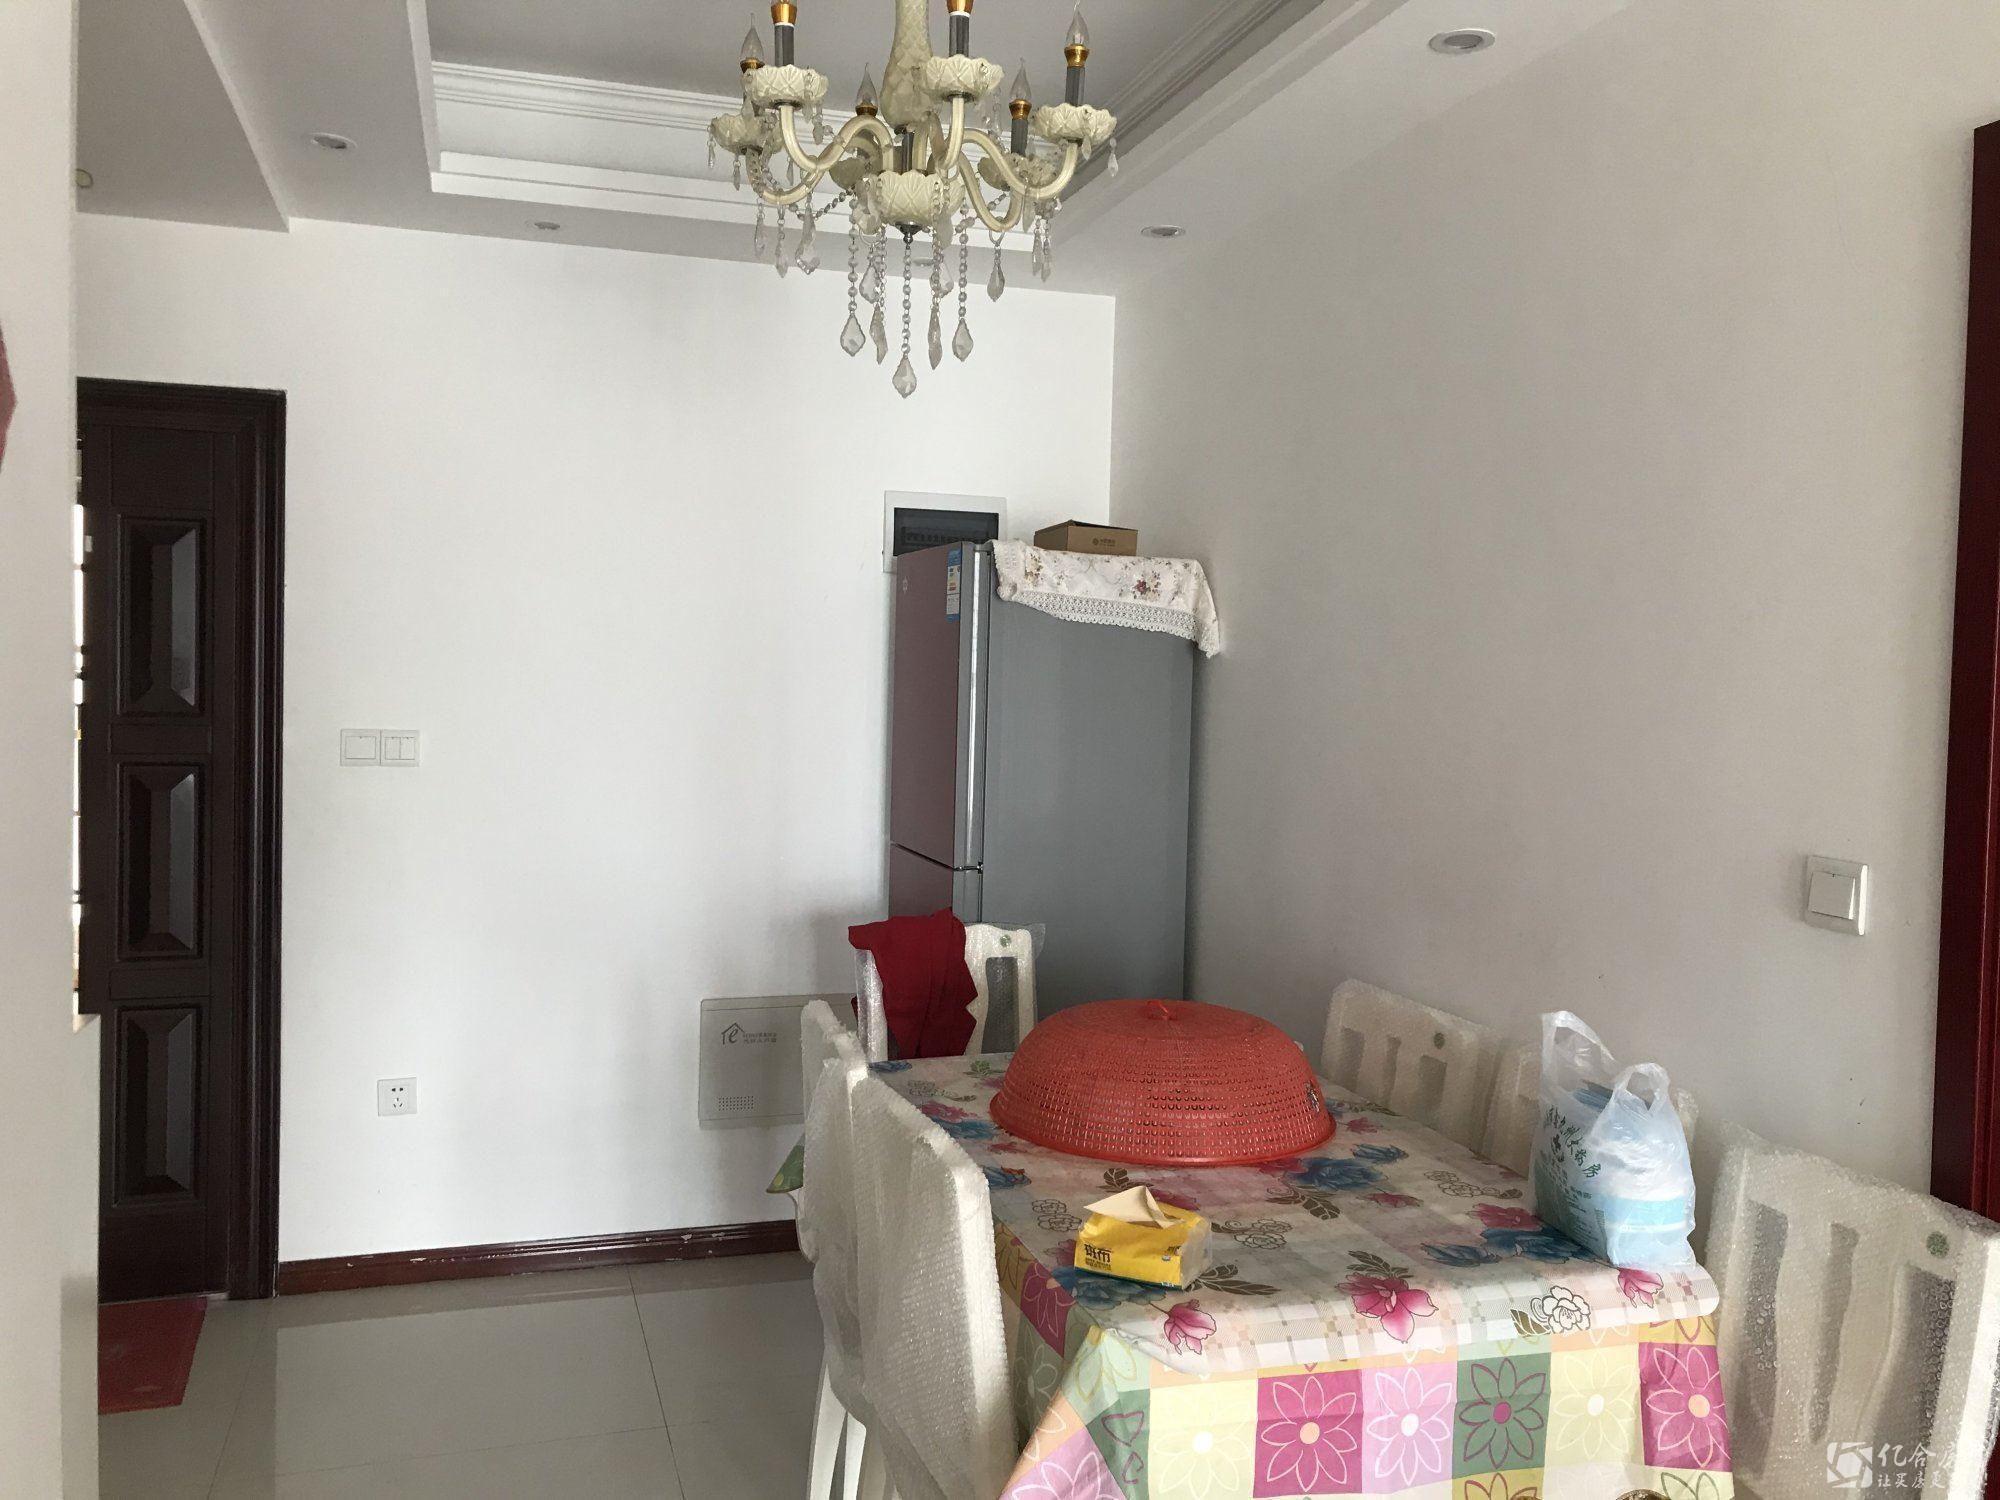 沃尔玛旁 杜柳还建房精装修2室一厅 家电齐全 可以拎包入住